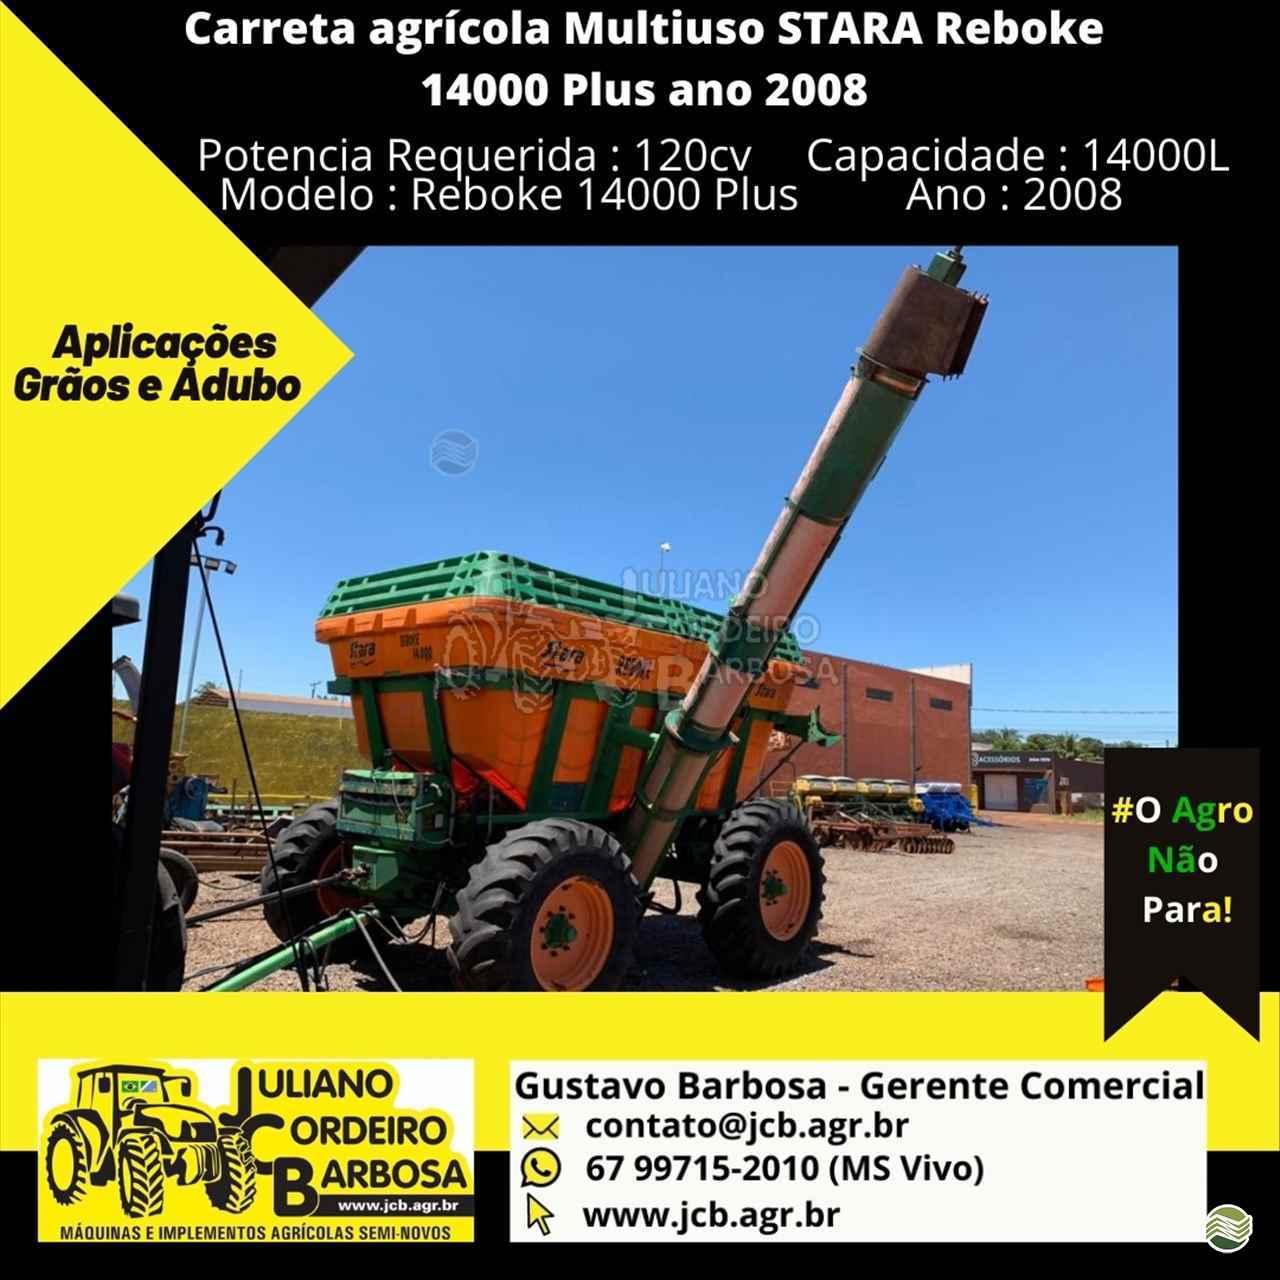 IMPLEMENTOS AGRICOLAS CARRETA BAZUKA GRANELEIRA 14000 JCB Máquinas e Implementos Agrícolas MARACAJU MATO GROSSO DO SUL MS